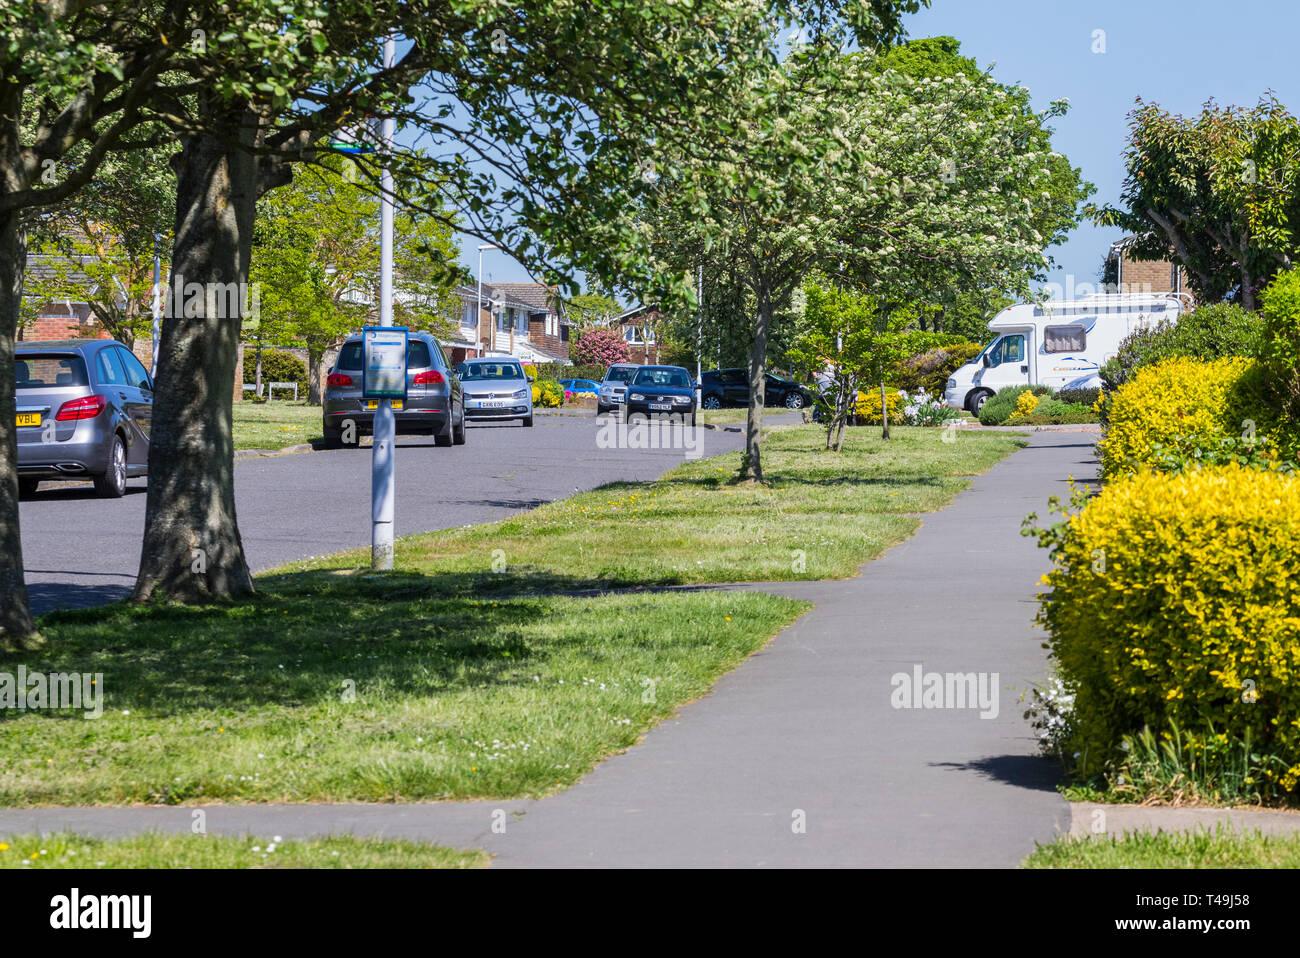 Bürgersteig und Bäume von einem Straßenrand in einem ruhigen Wohngebiet in Littlehampton, West Sussex, England, UK. Stockbild